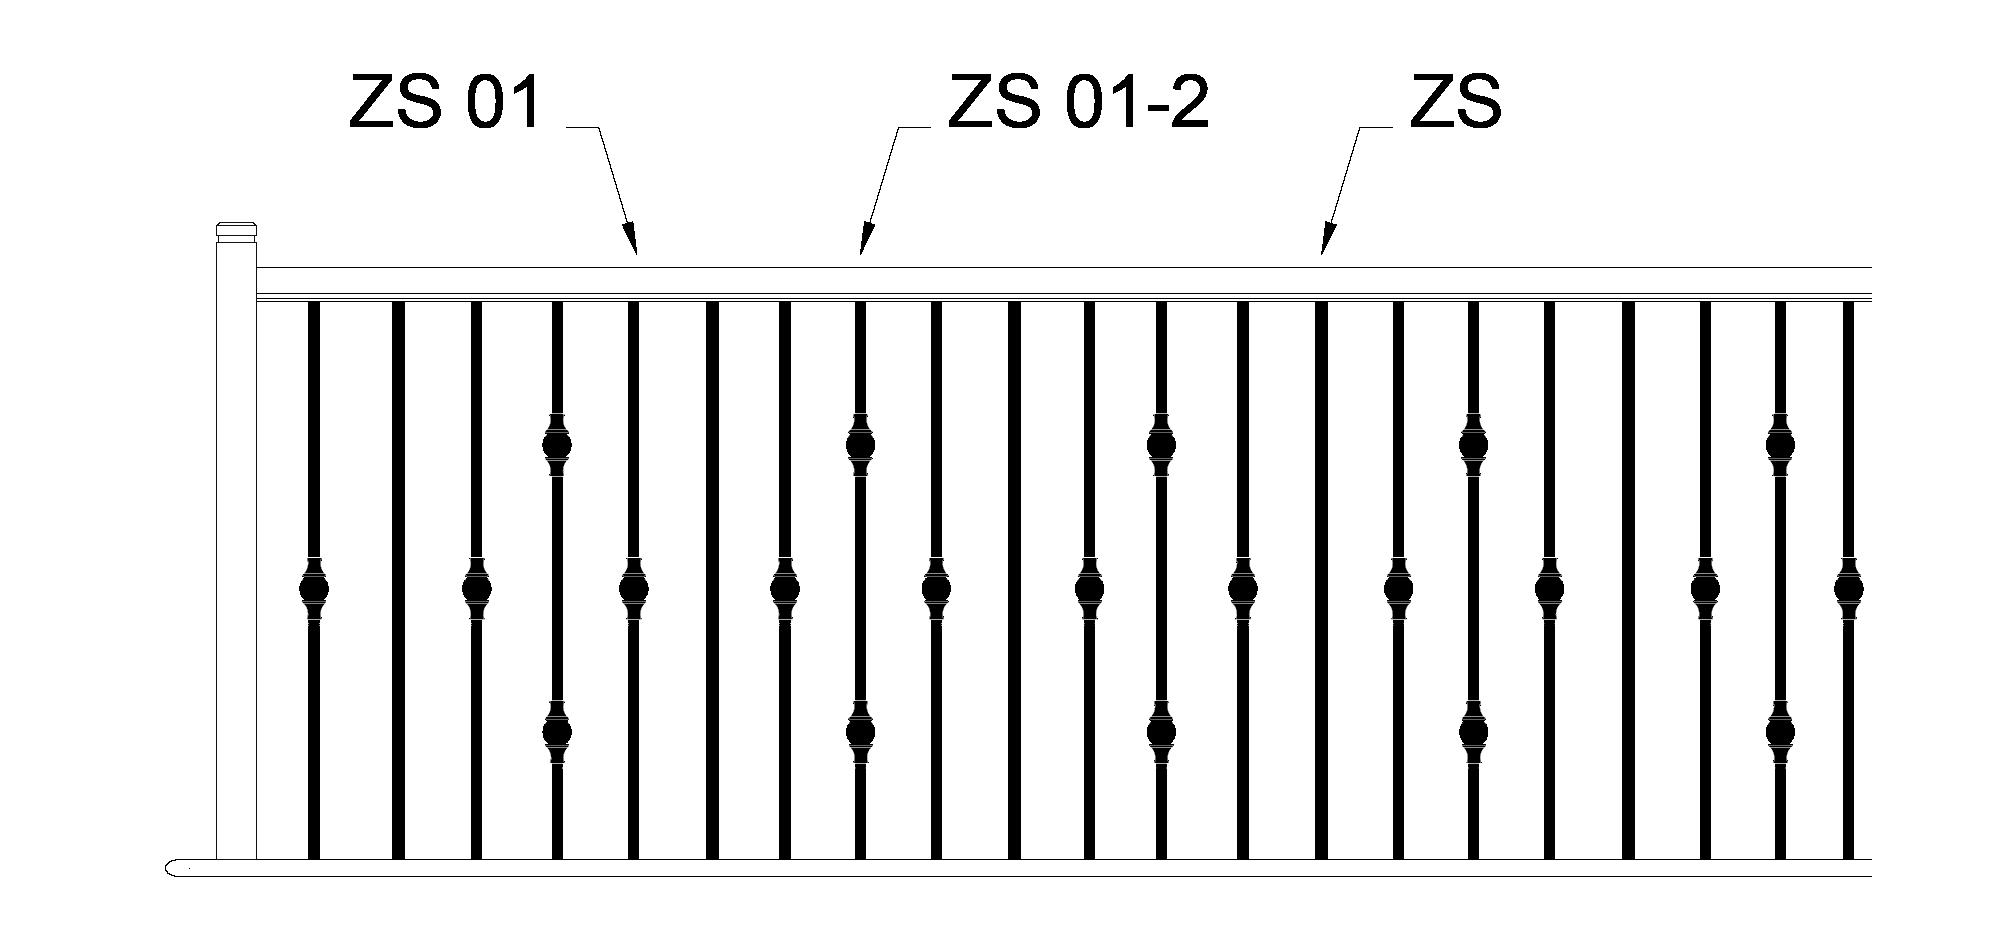 3 slide